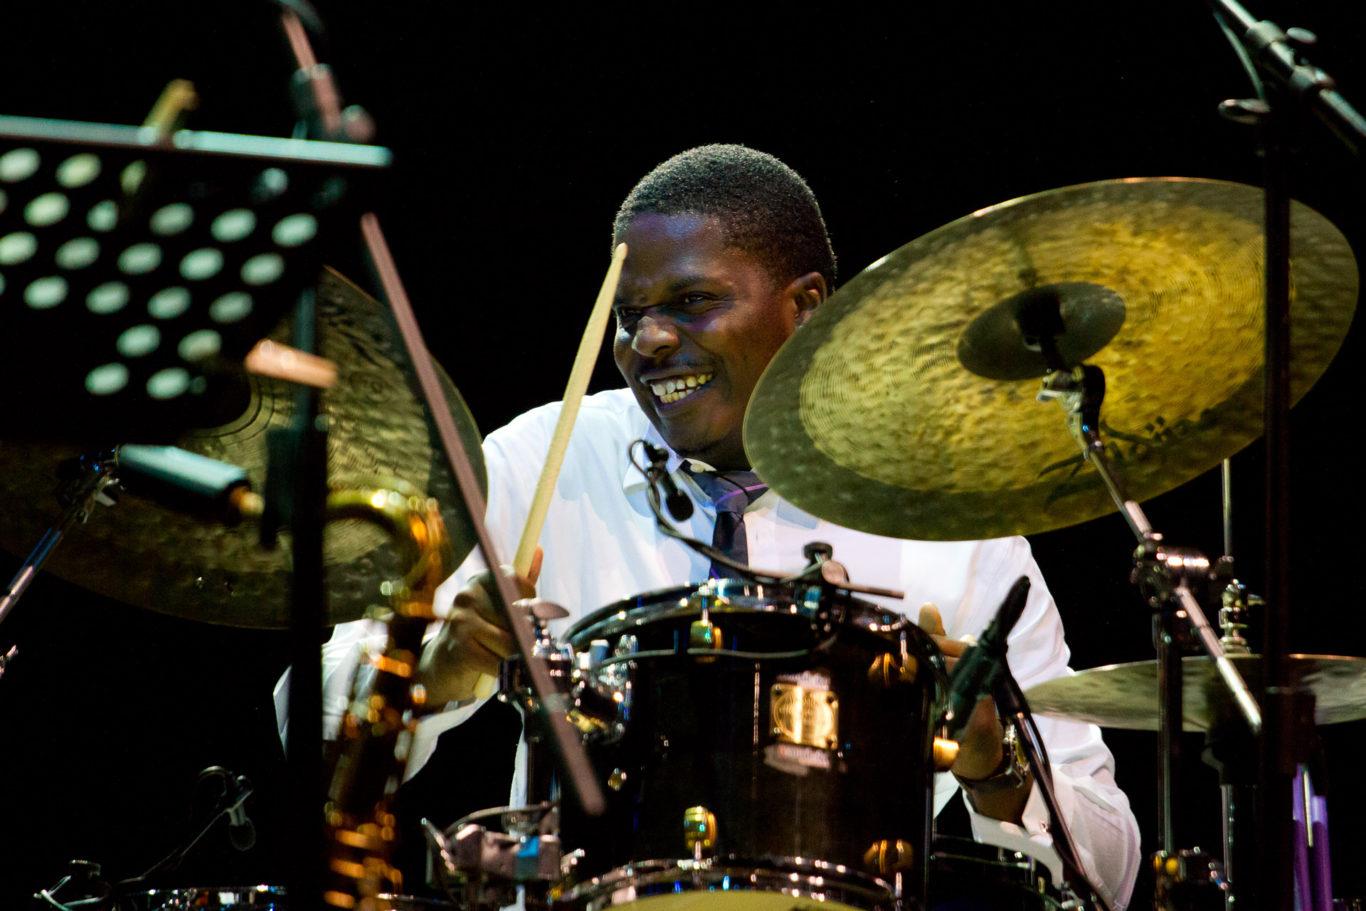 Umbria Jazz 2011 - Il quarto giorno del festival vede salire sul palco Branford Marsalis insieme al pianista statunitense Joey Calderazzo.